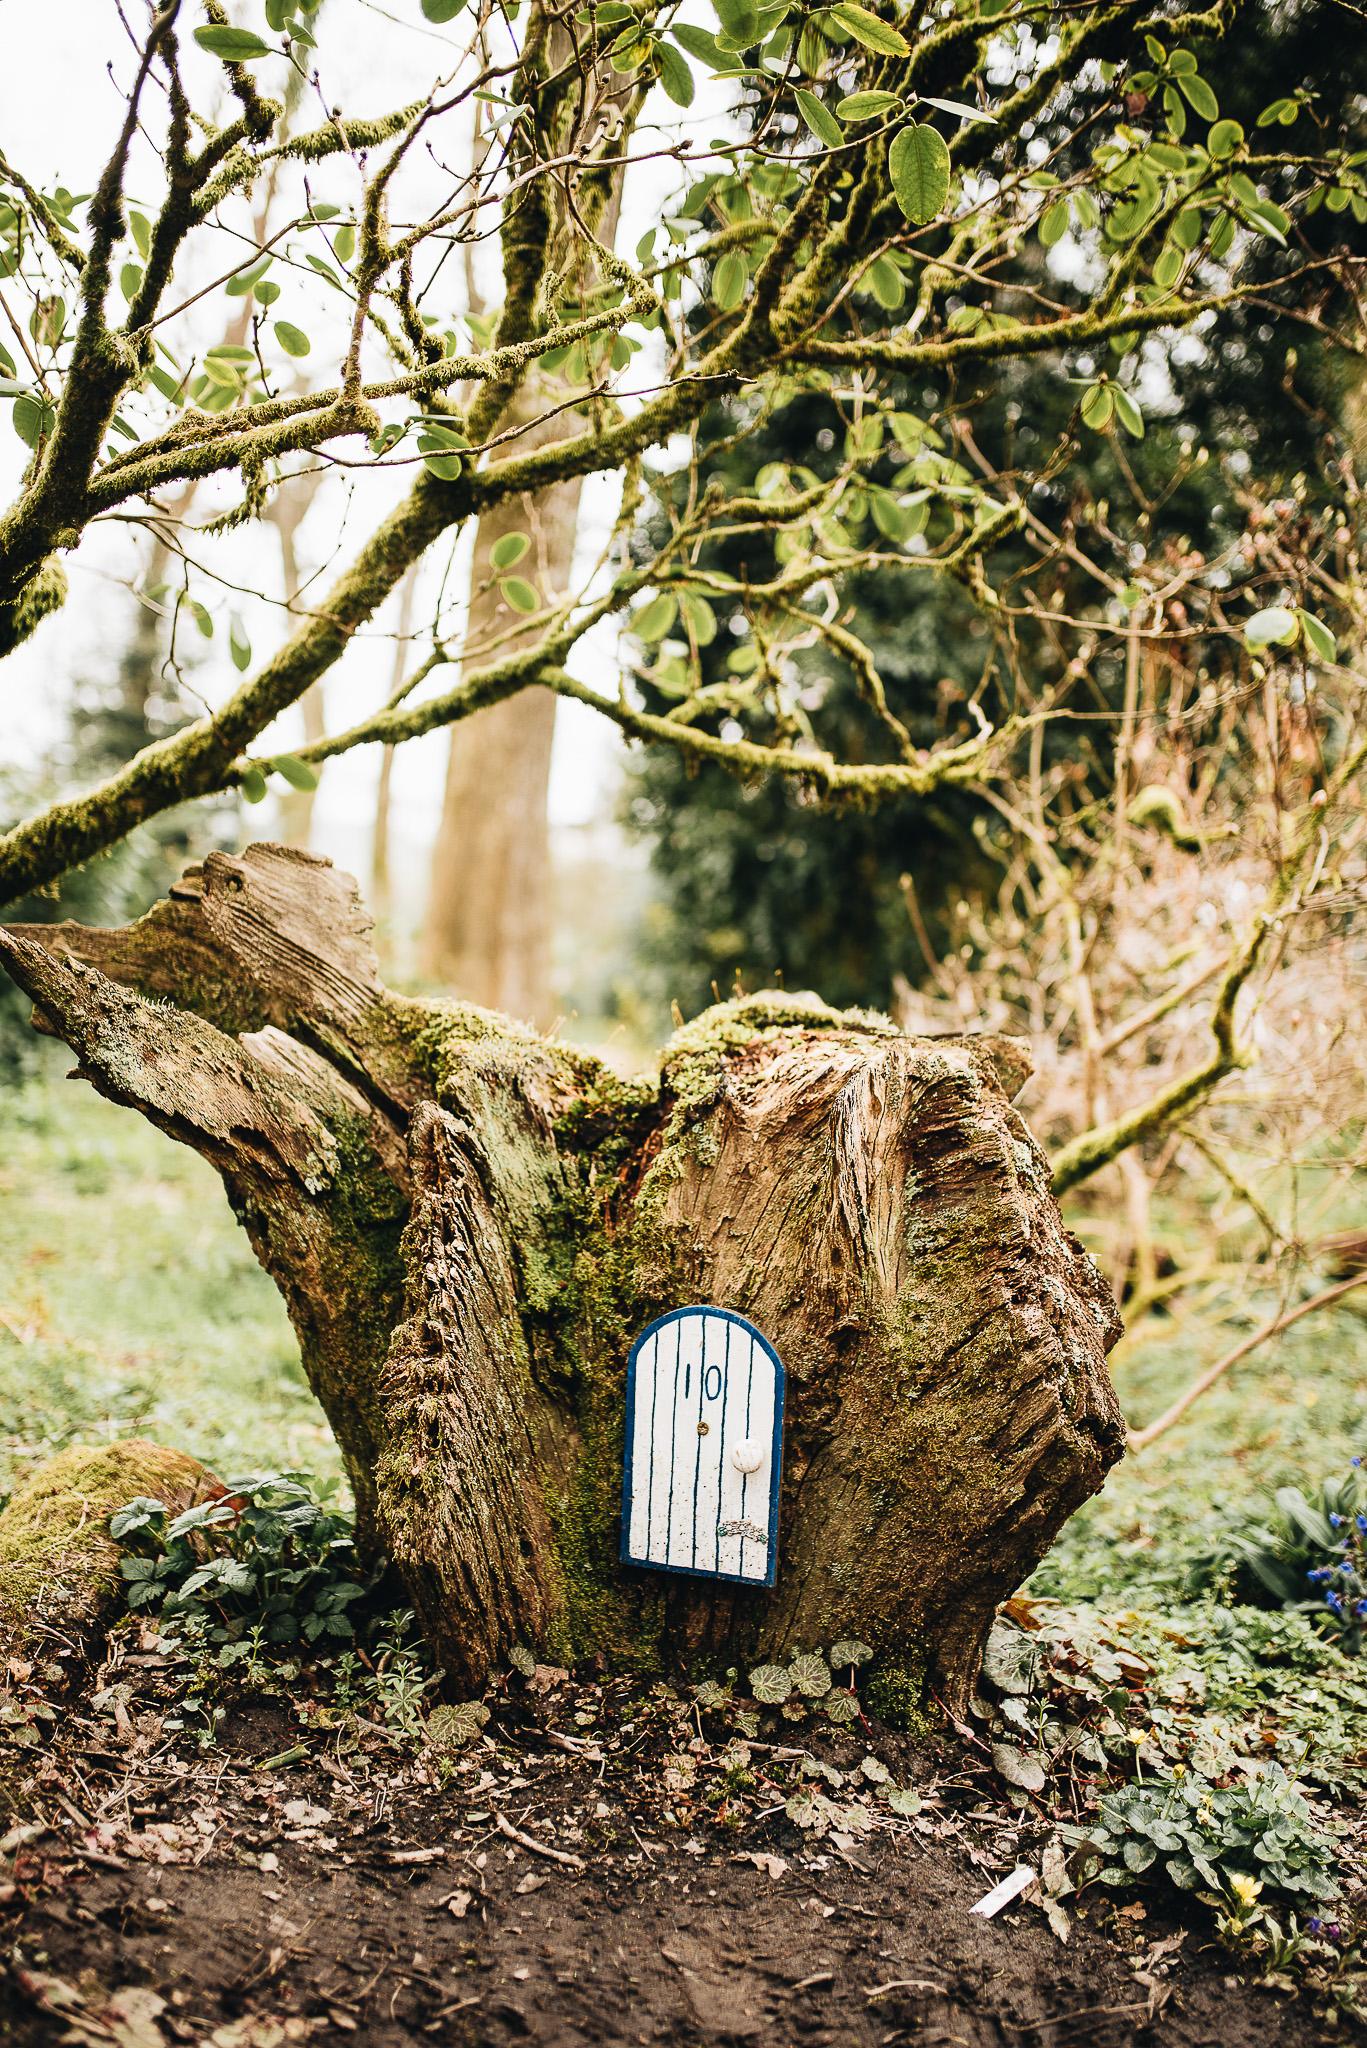 Fairy doors hidden in the woods.